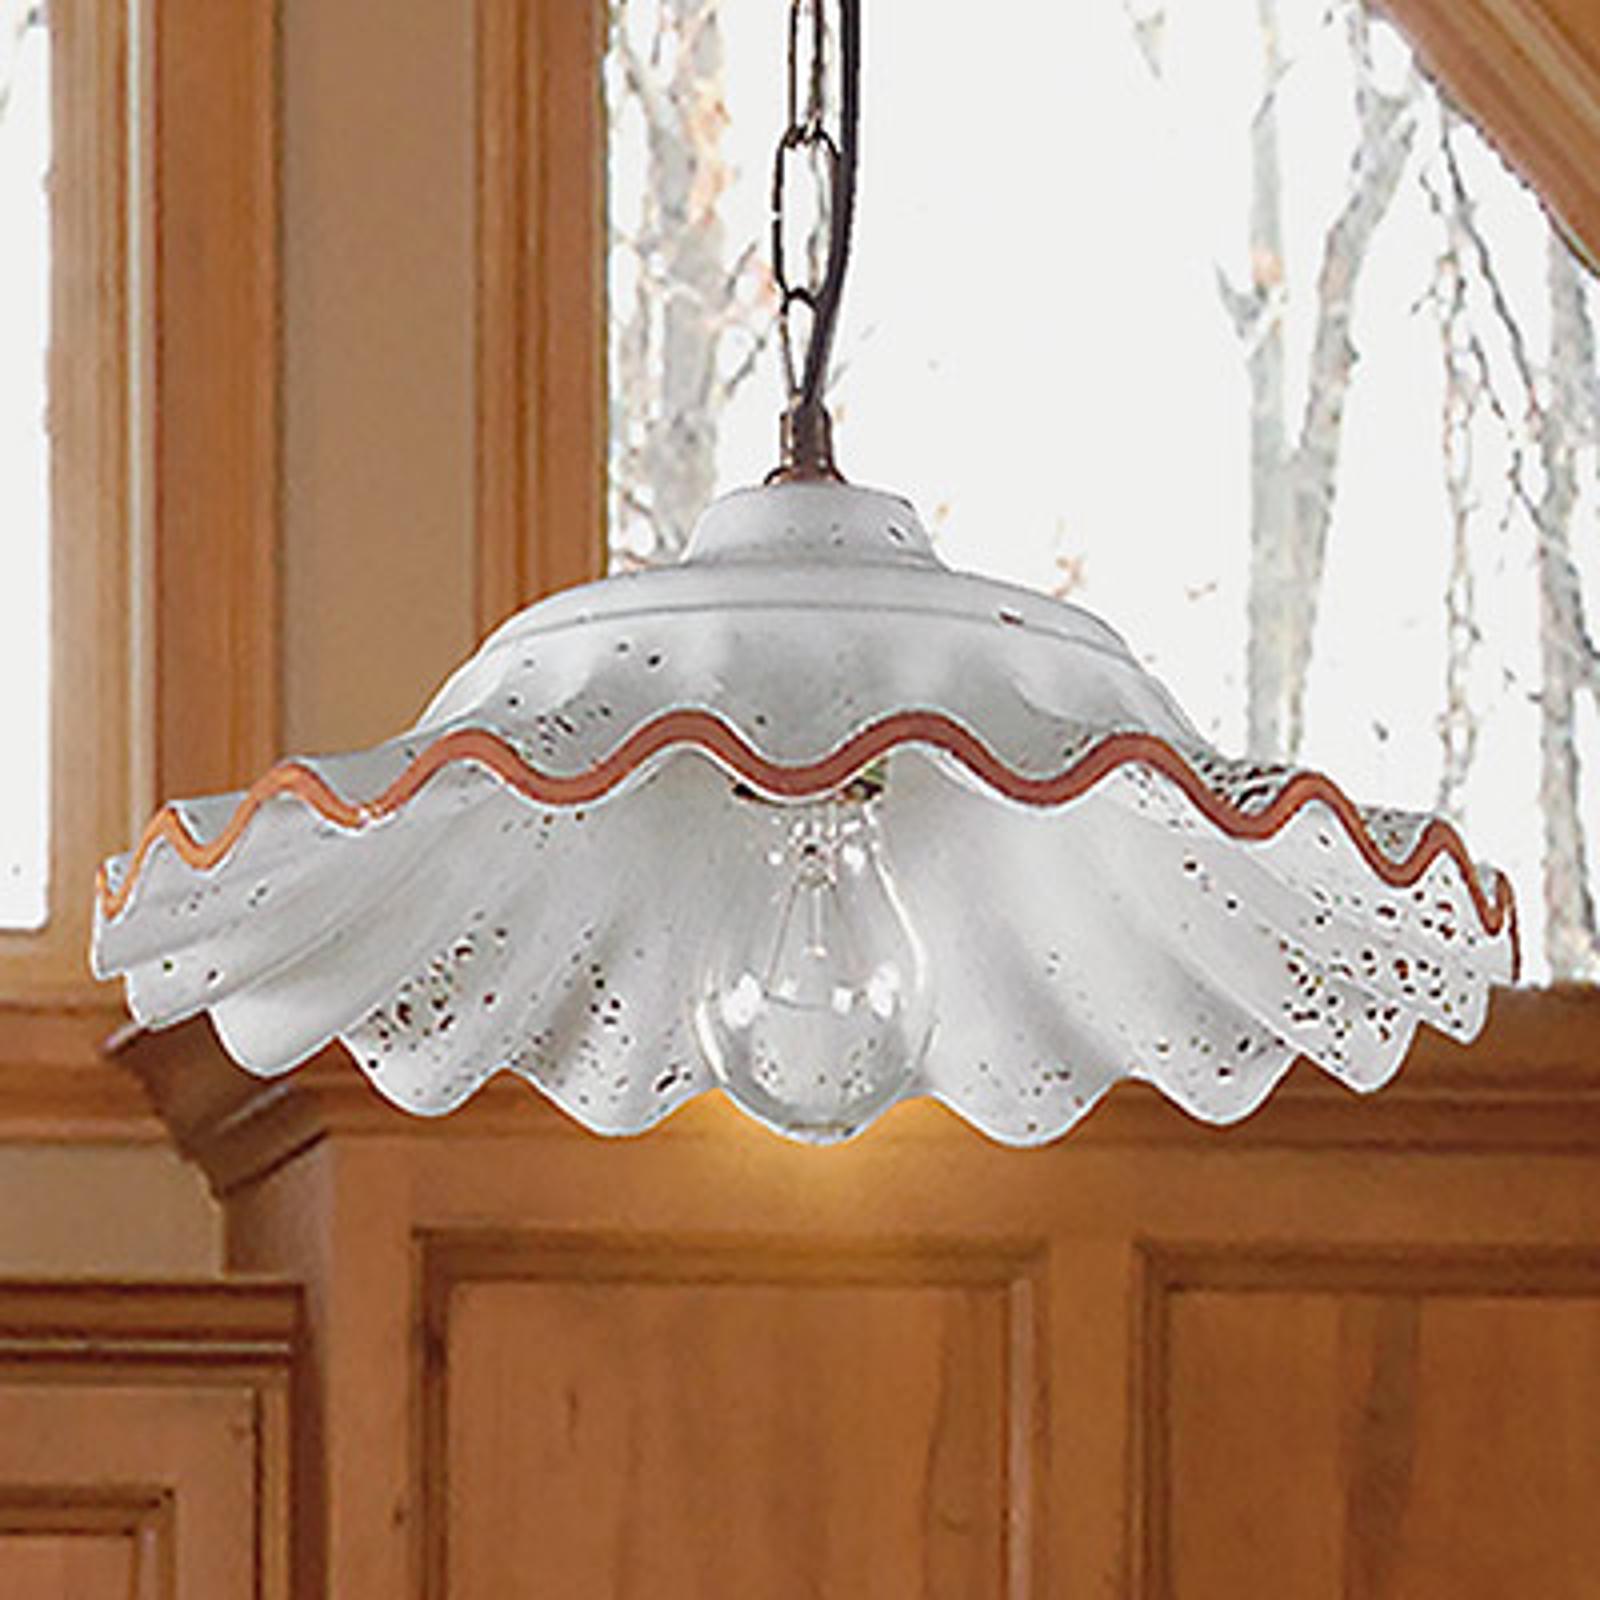 Závesná lampa Tarlo s keramickým tienidlom_3046070_1